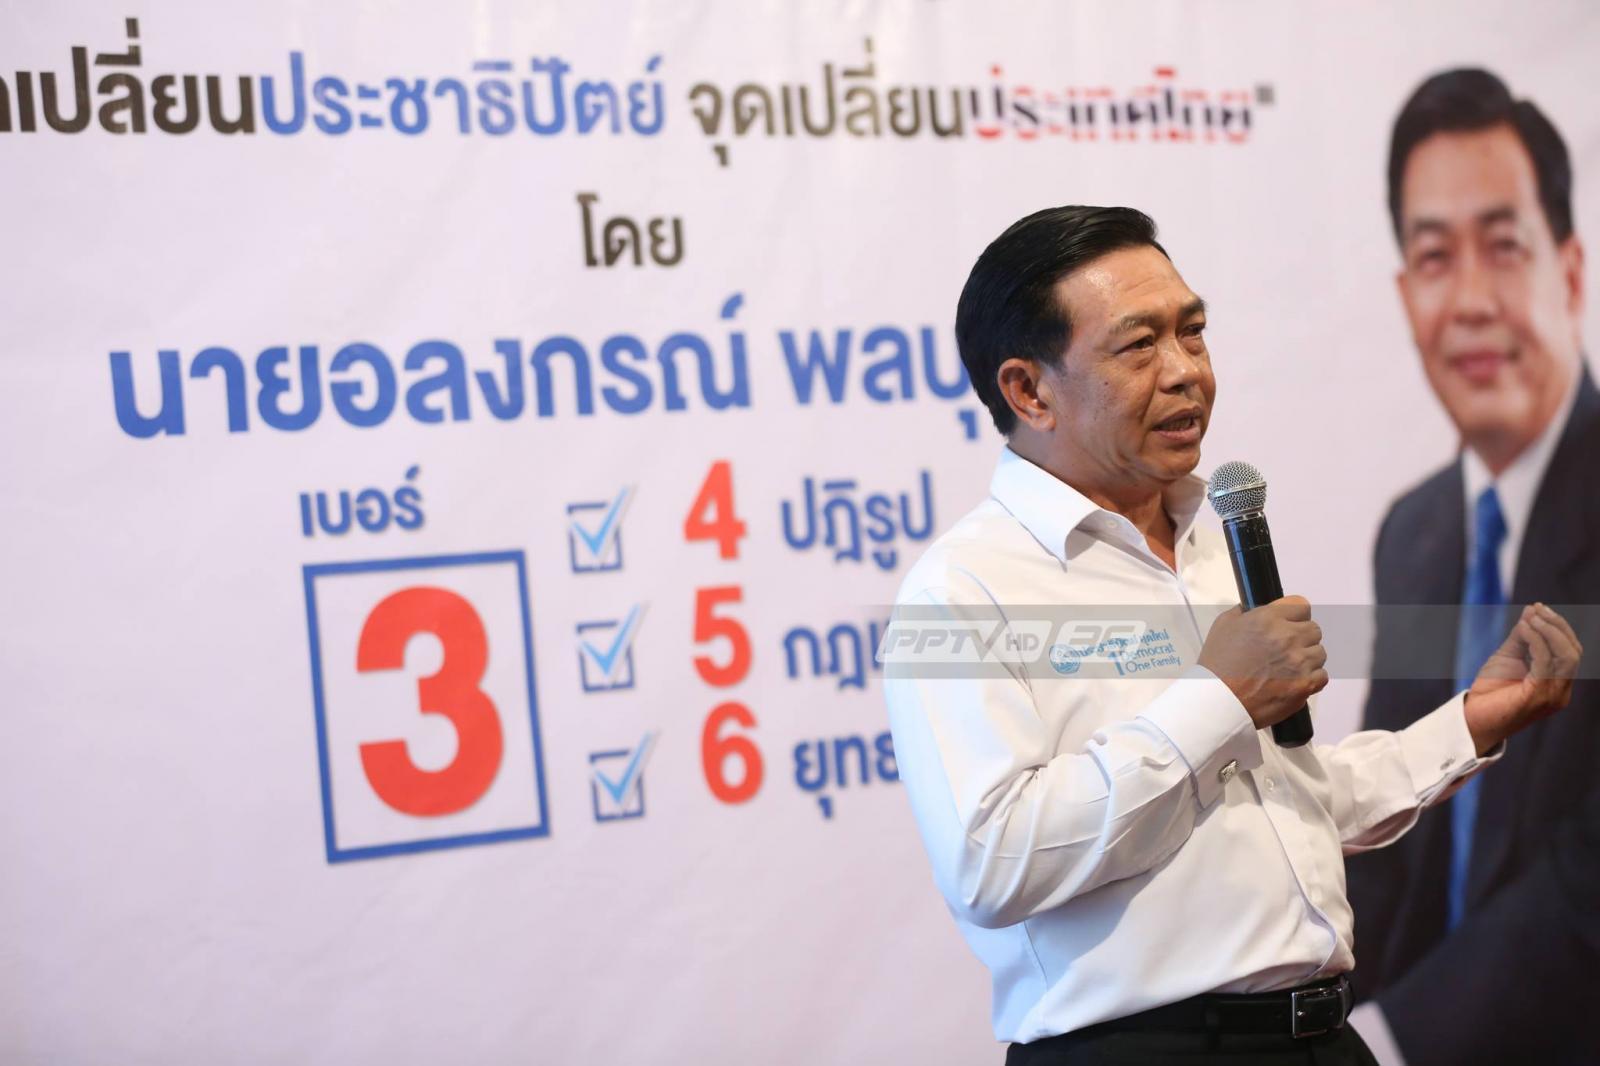 """""""ประชาธิปัตย์"""" แนะ """"ชาติไทยพัฒนา"""" อย่าส่งคนตัดคะแนน  เลือกตั้งซ่อมนครปฐม"""